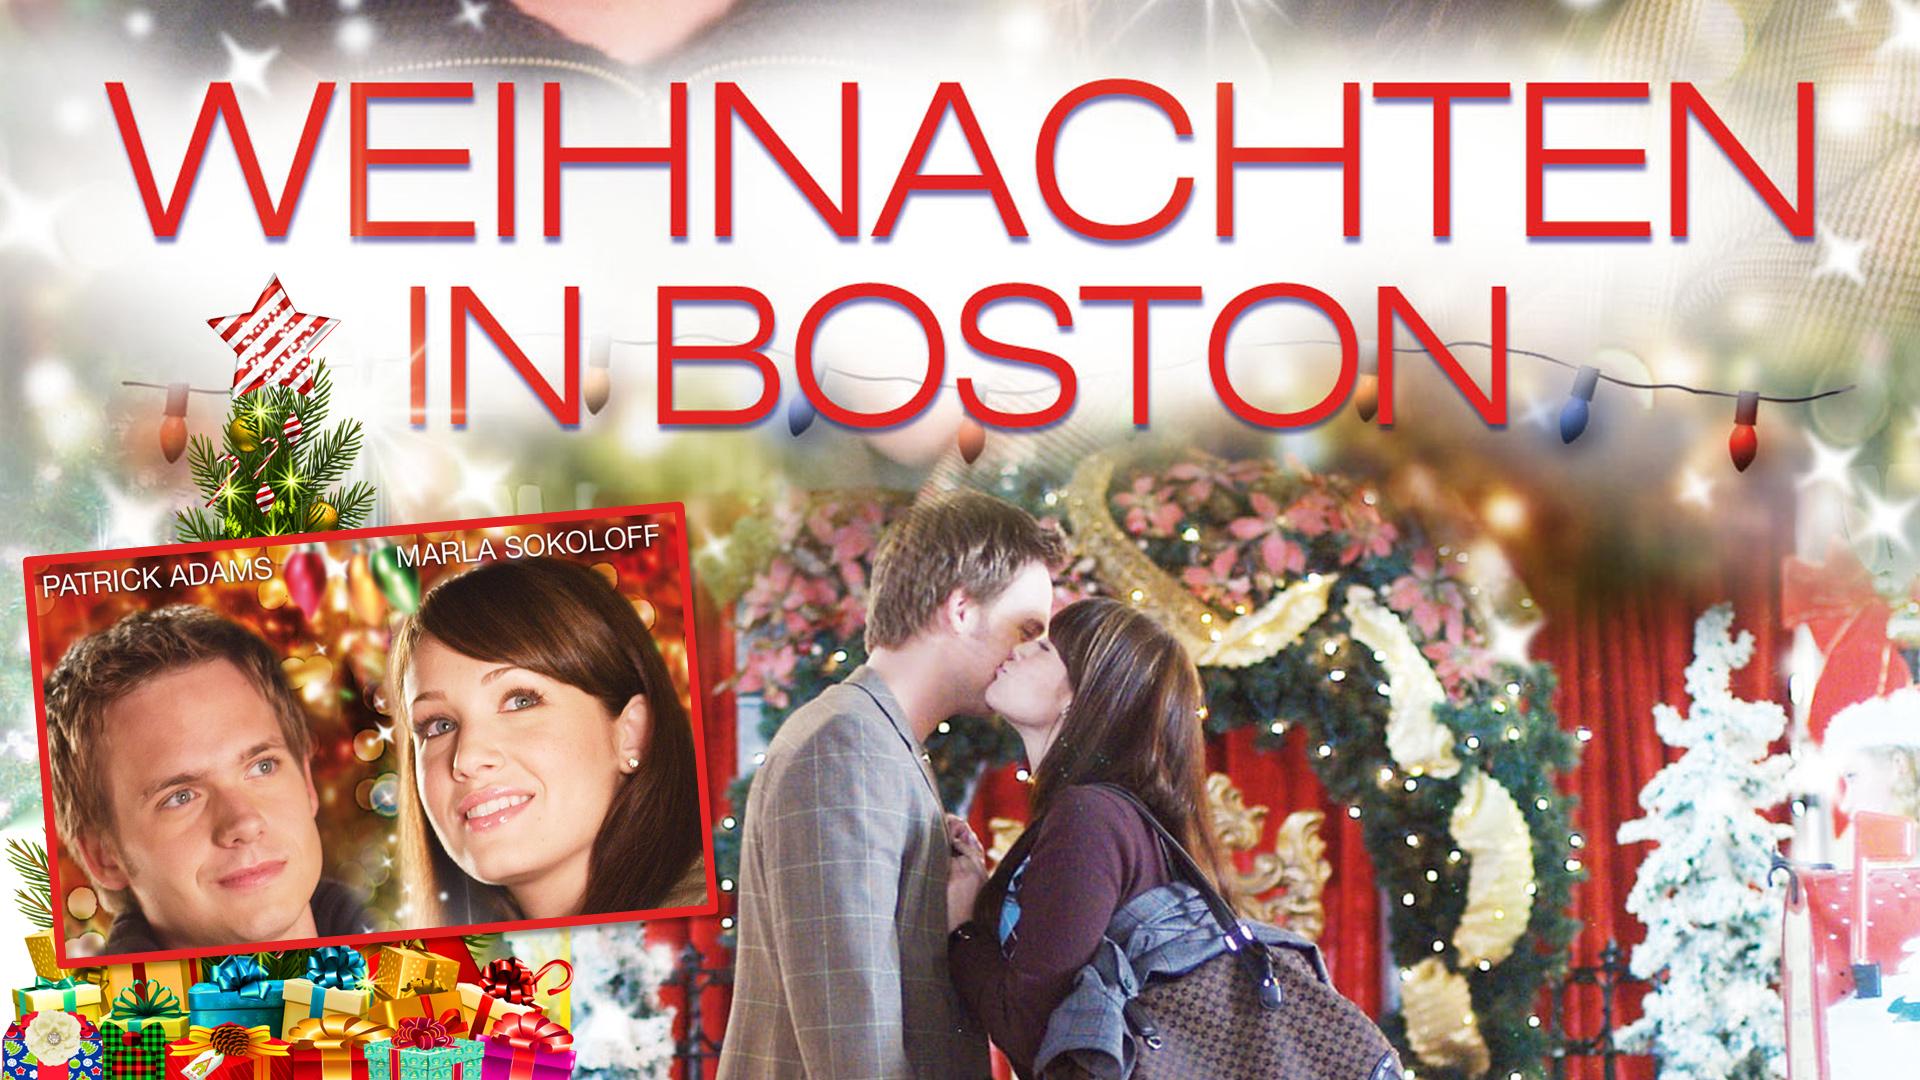 Weihnachten in Boston